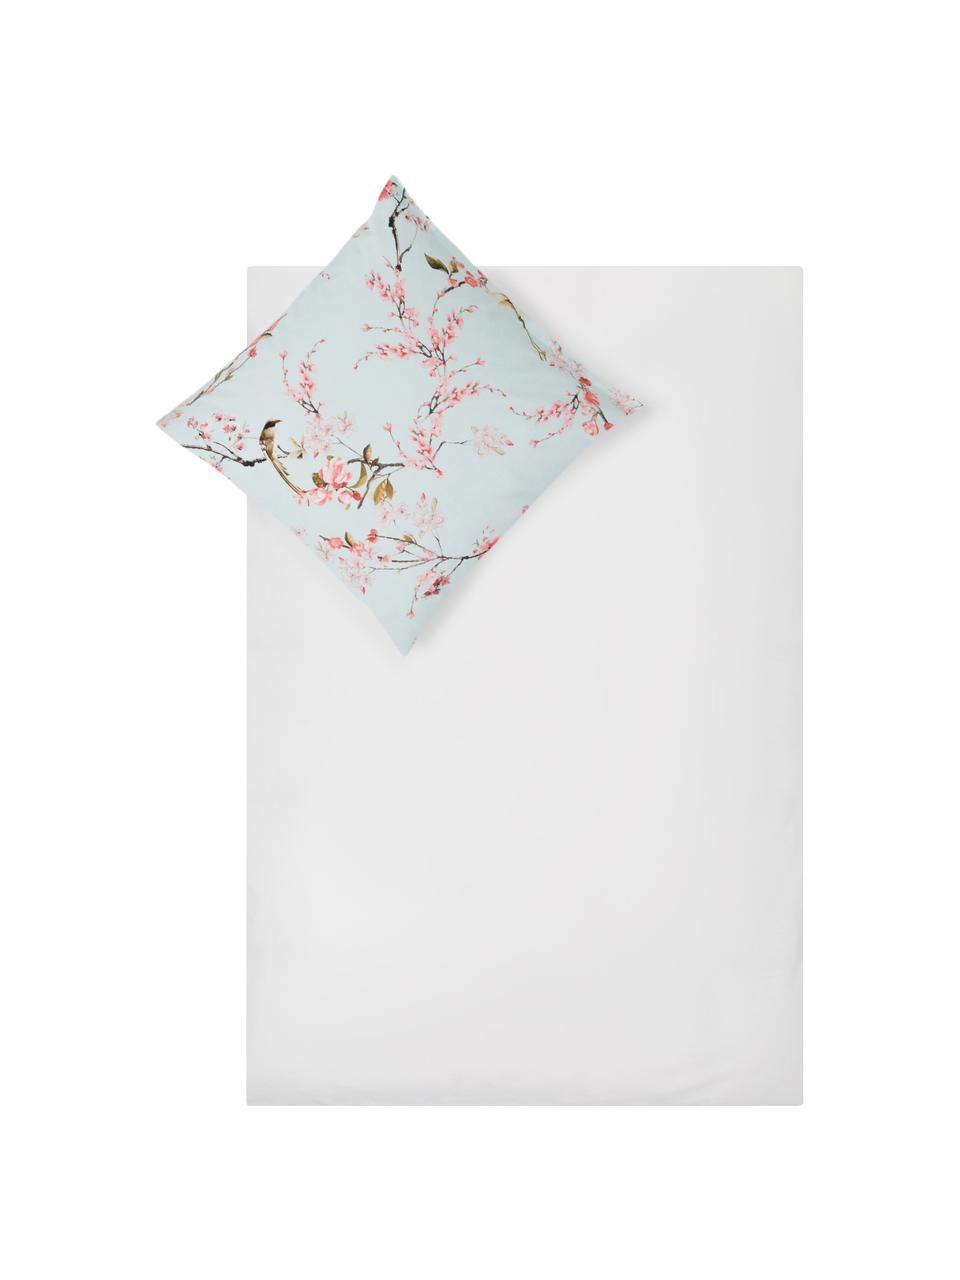 Pościel z bawełny Chinoiserie, Miętowy, odcienie różowego, zielony, biały, 140 x 200 cm + 1 poduszka 80 x 80 cm